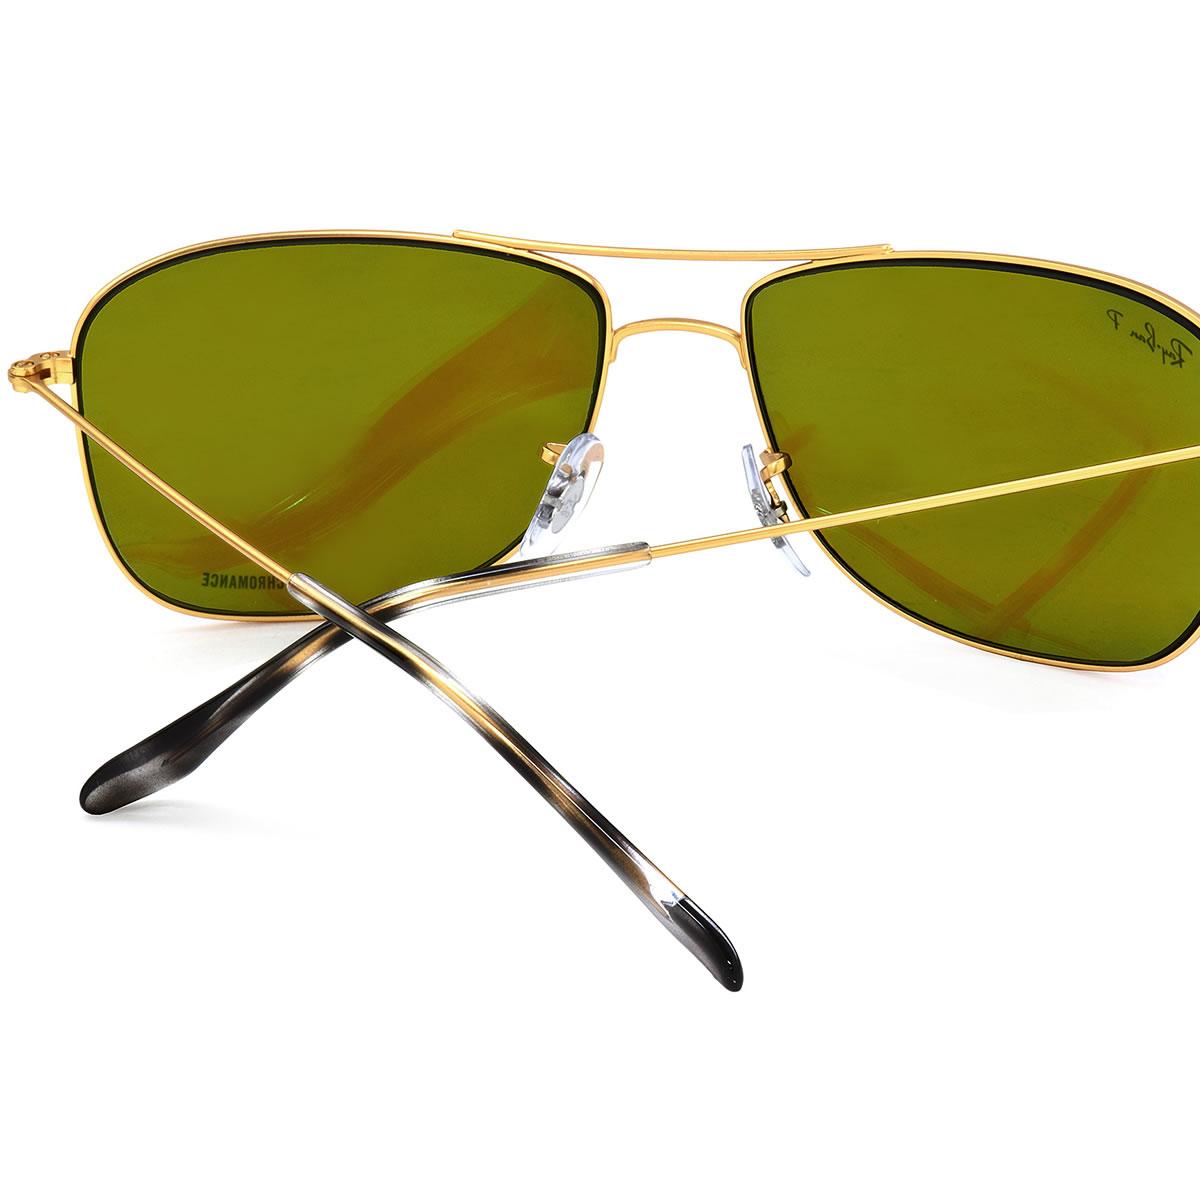 (雷朋) 太阳镜 RB3543 112 / A1 59 大小 CHRYOMANCE 吡喃是矩形偏光的镜片偏光太阳镜桥镜像雷男人女人